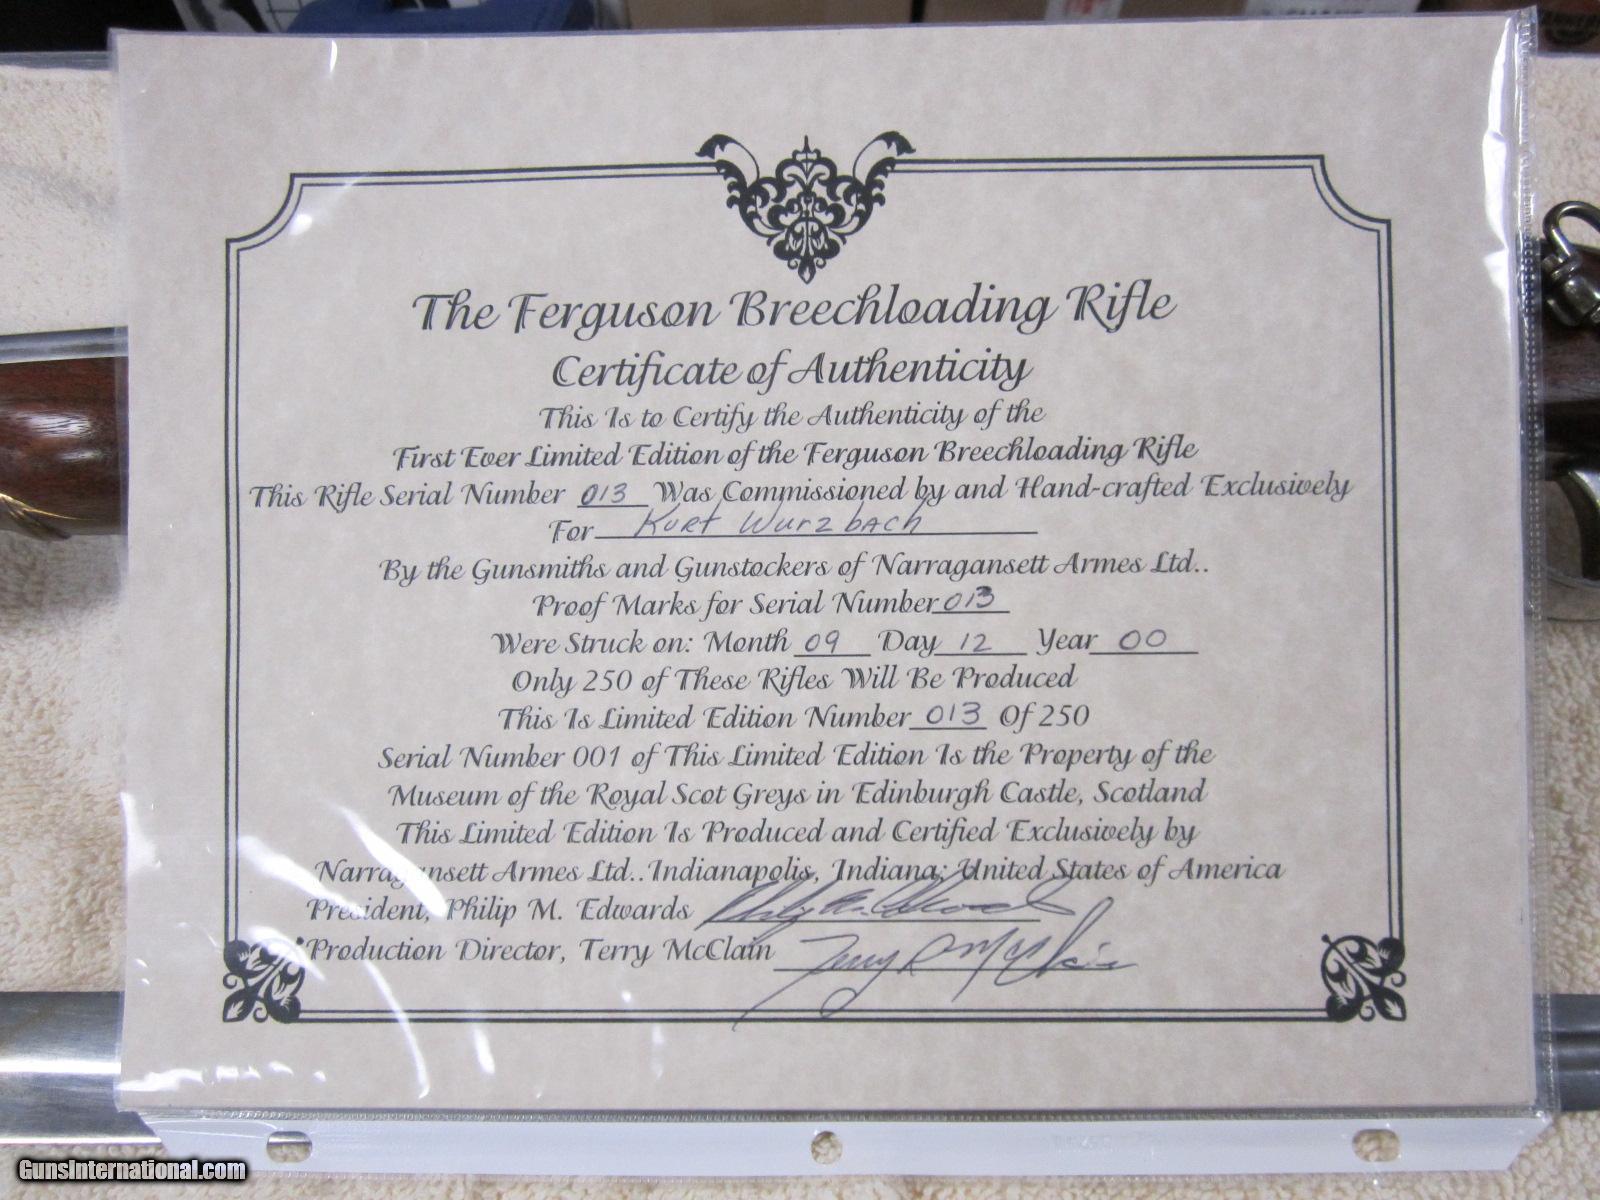 Ferguson Breechloading Rifle 013 / 250 Narragansett Armes